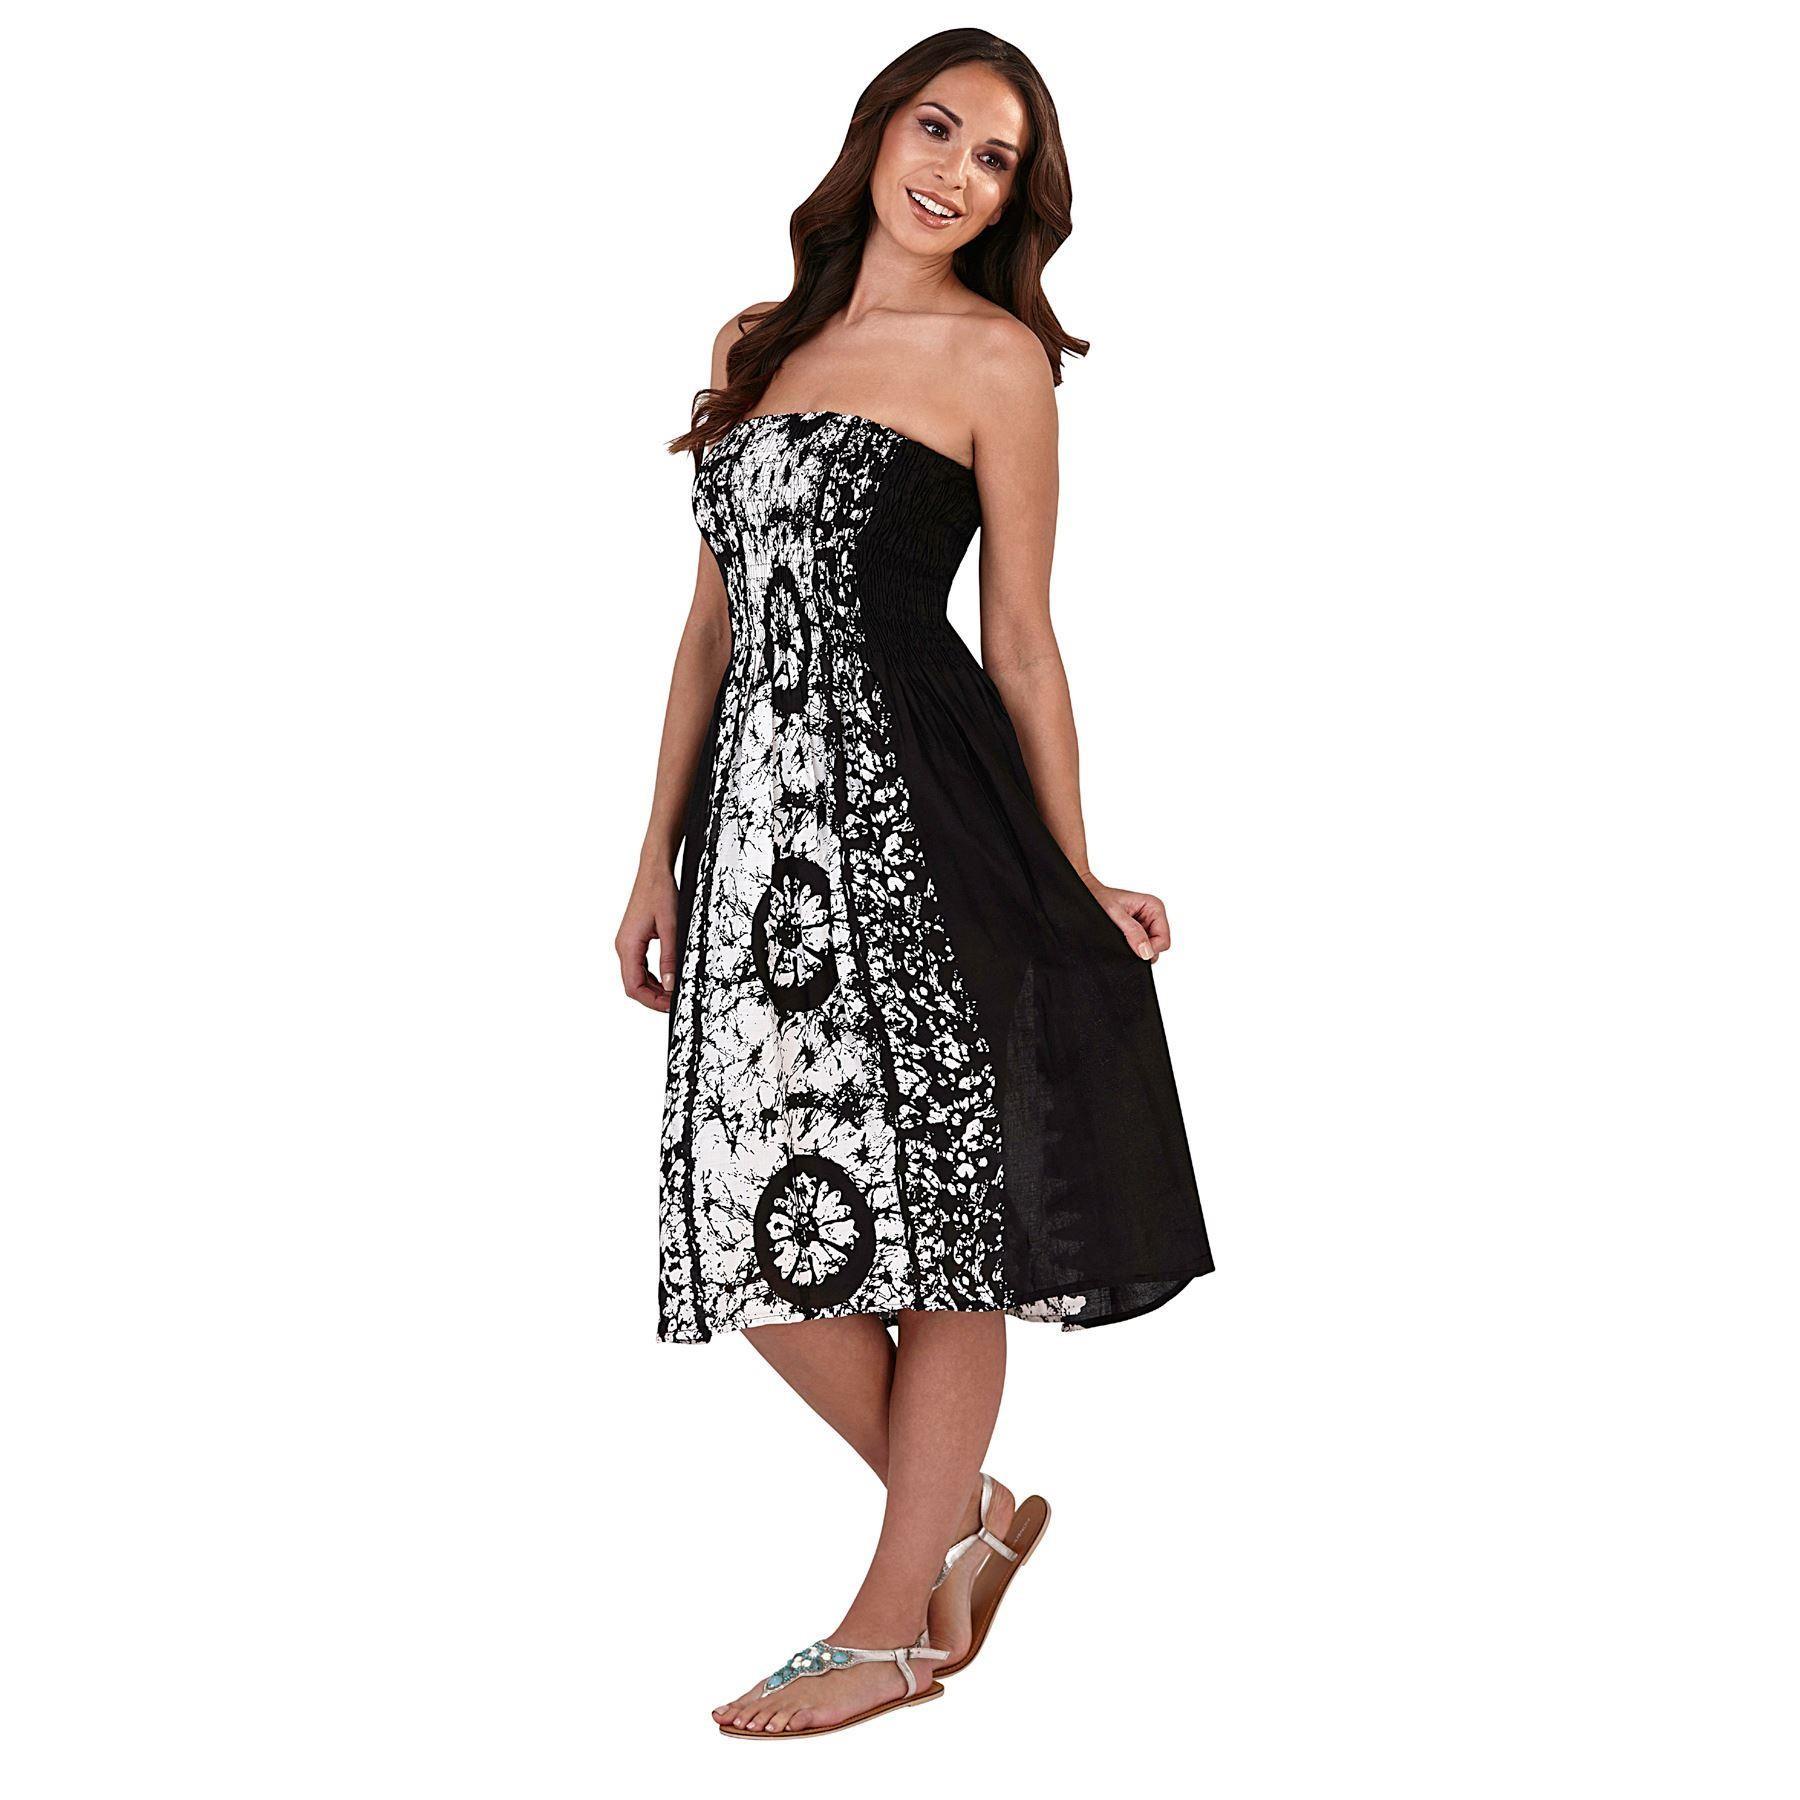 Pistachio Tie Dye 3 in 1 Dress/Skirt - Black